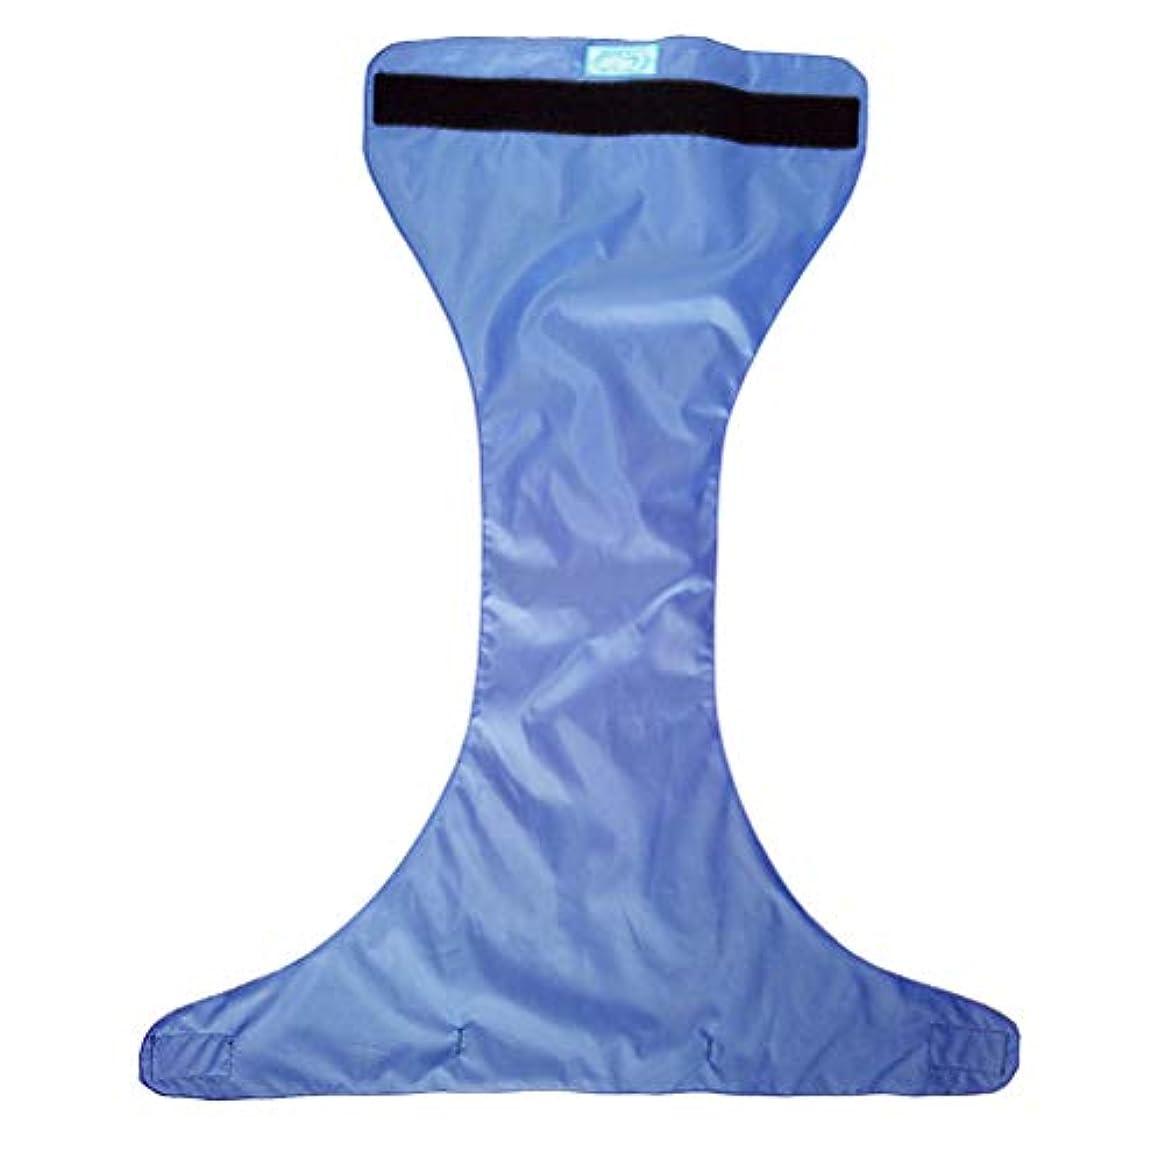 キャンドル良性大惨事Healifty 大人の布おむつ保護失禁下着防水下着保護ベッドシーツ用女性男性患者